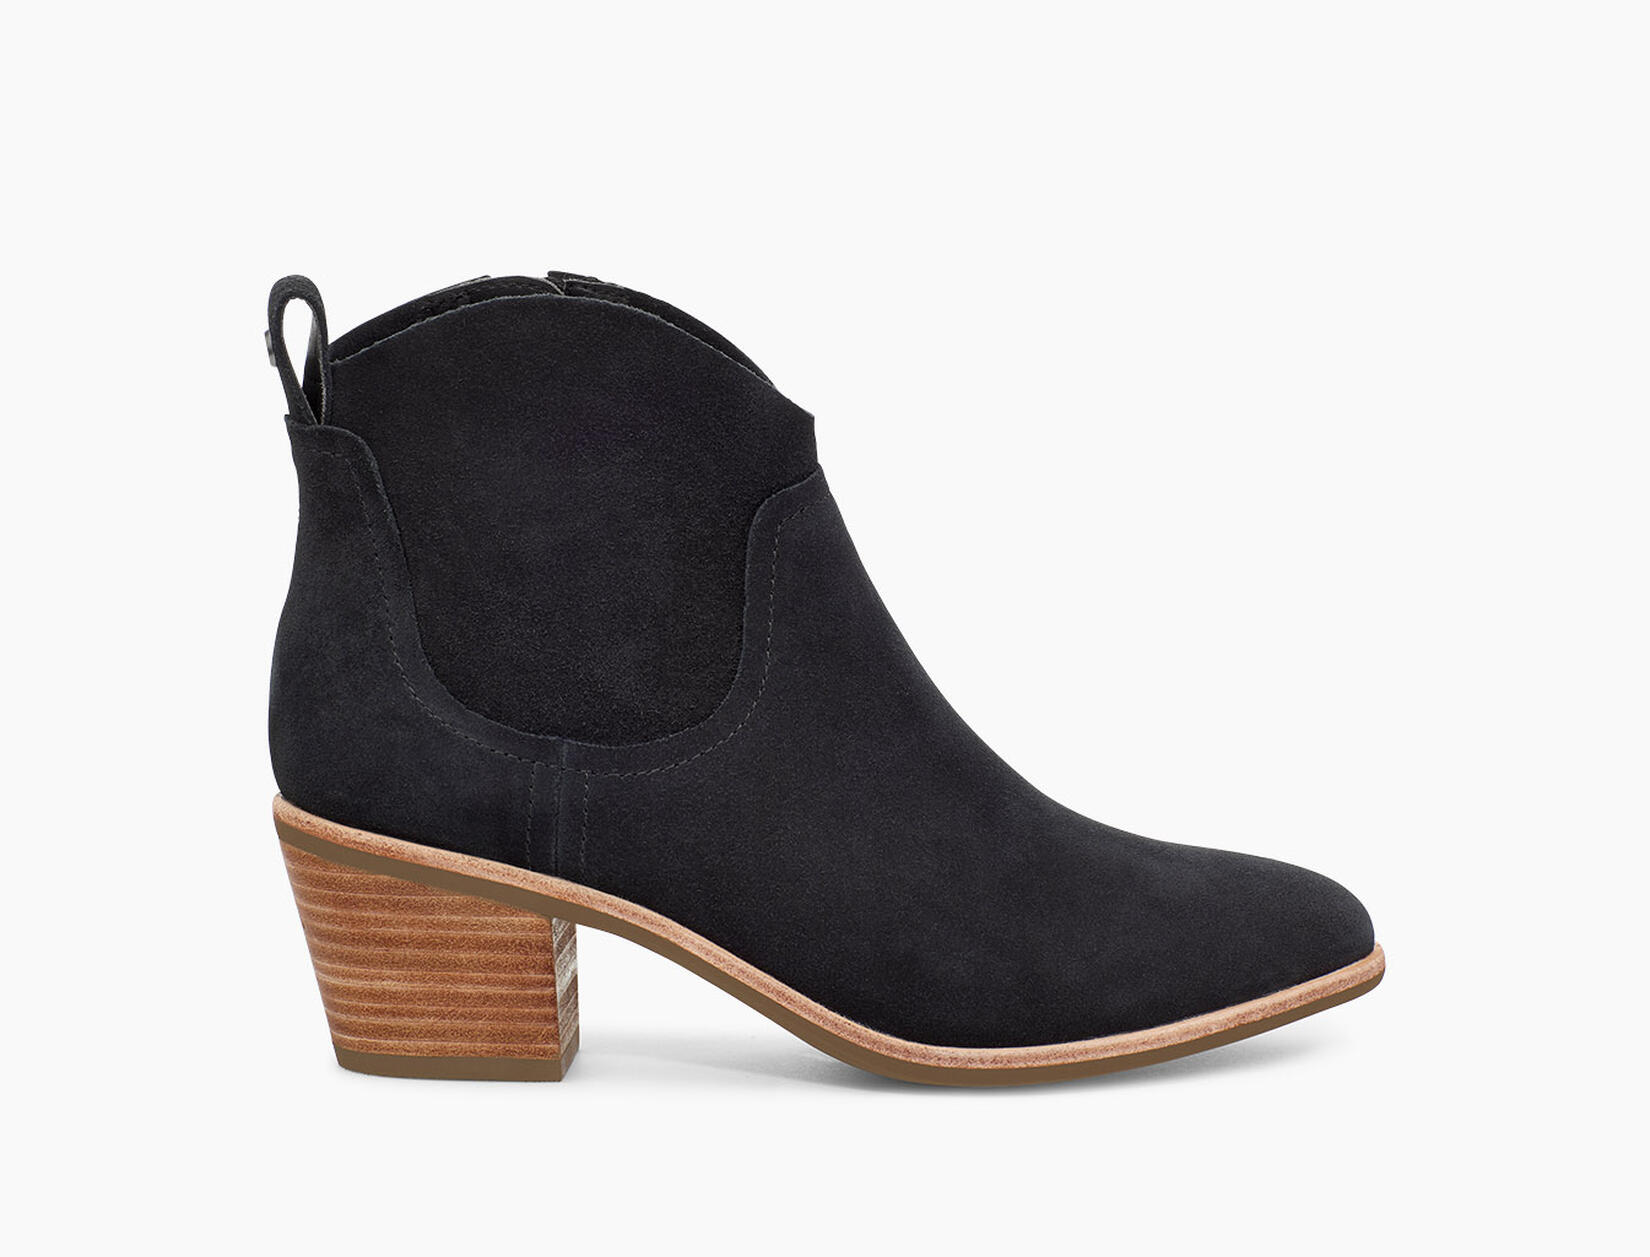 Kingsburg Boot